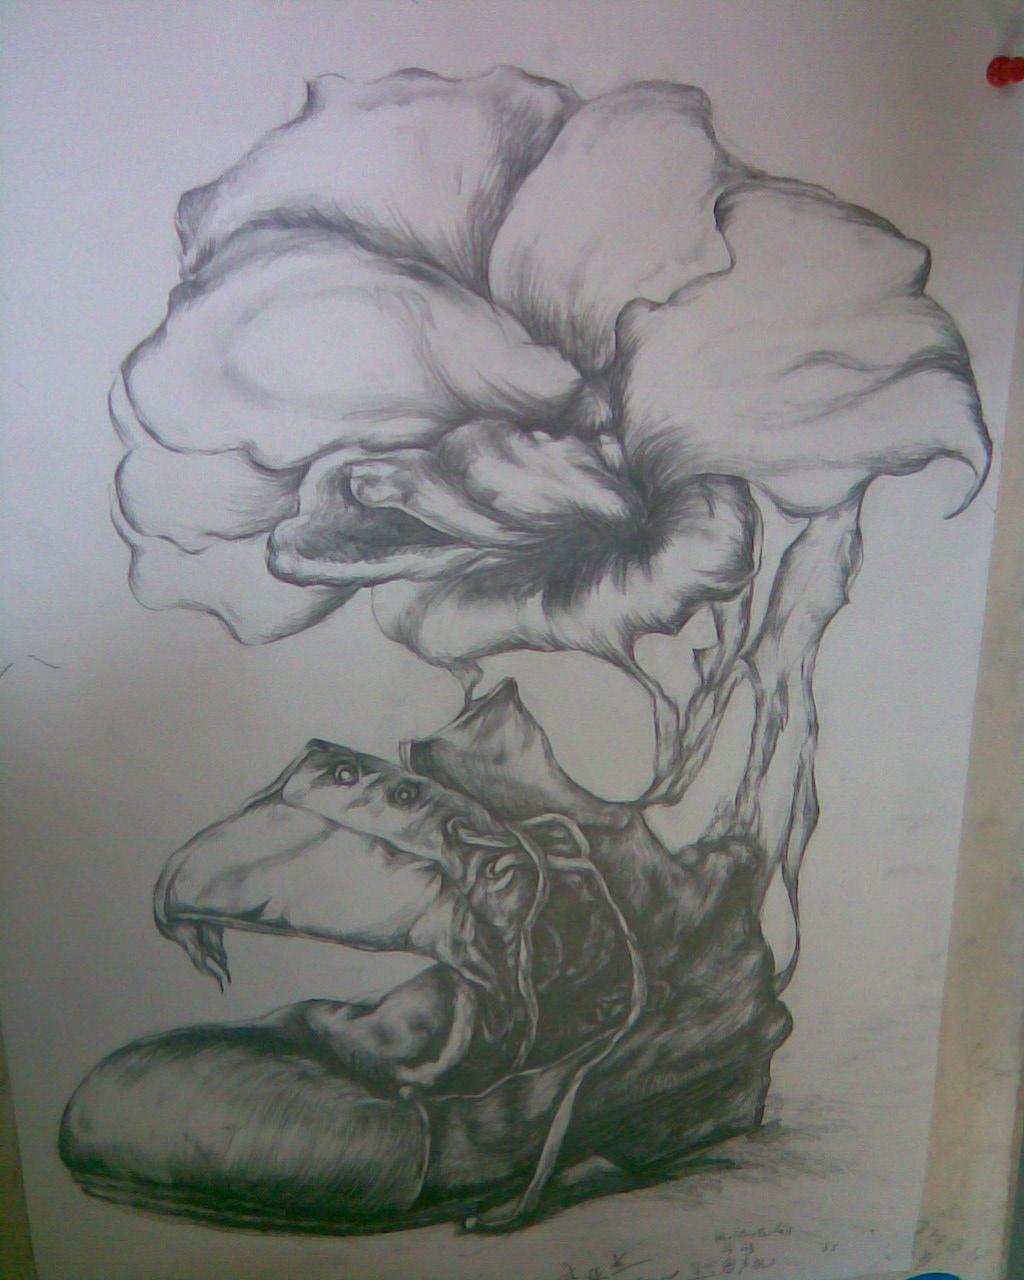 鞋子和花的结合创意图片